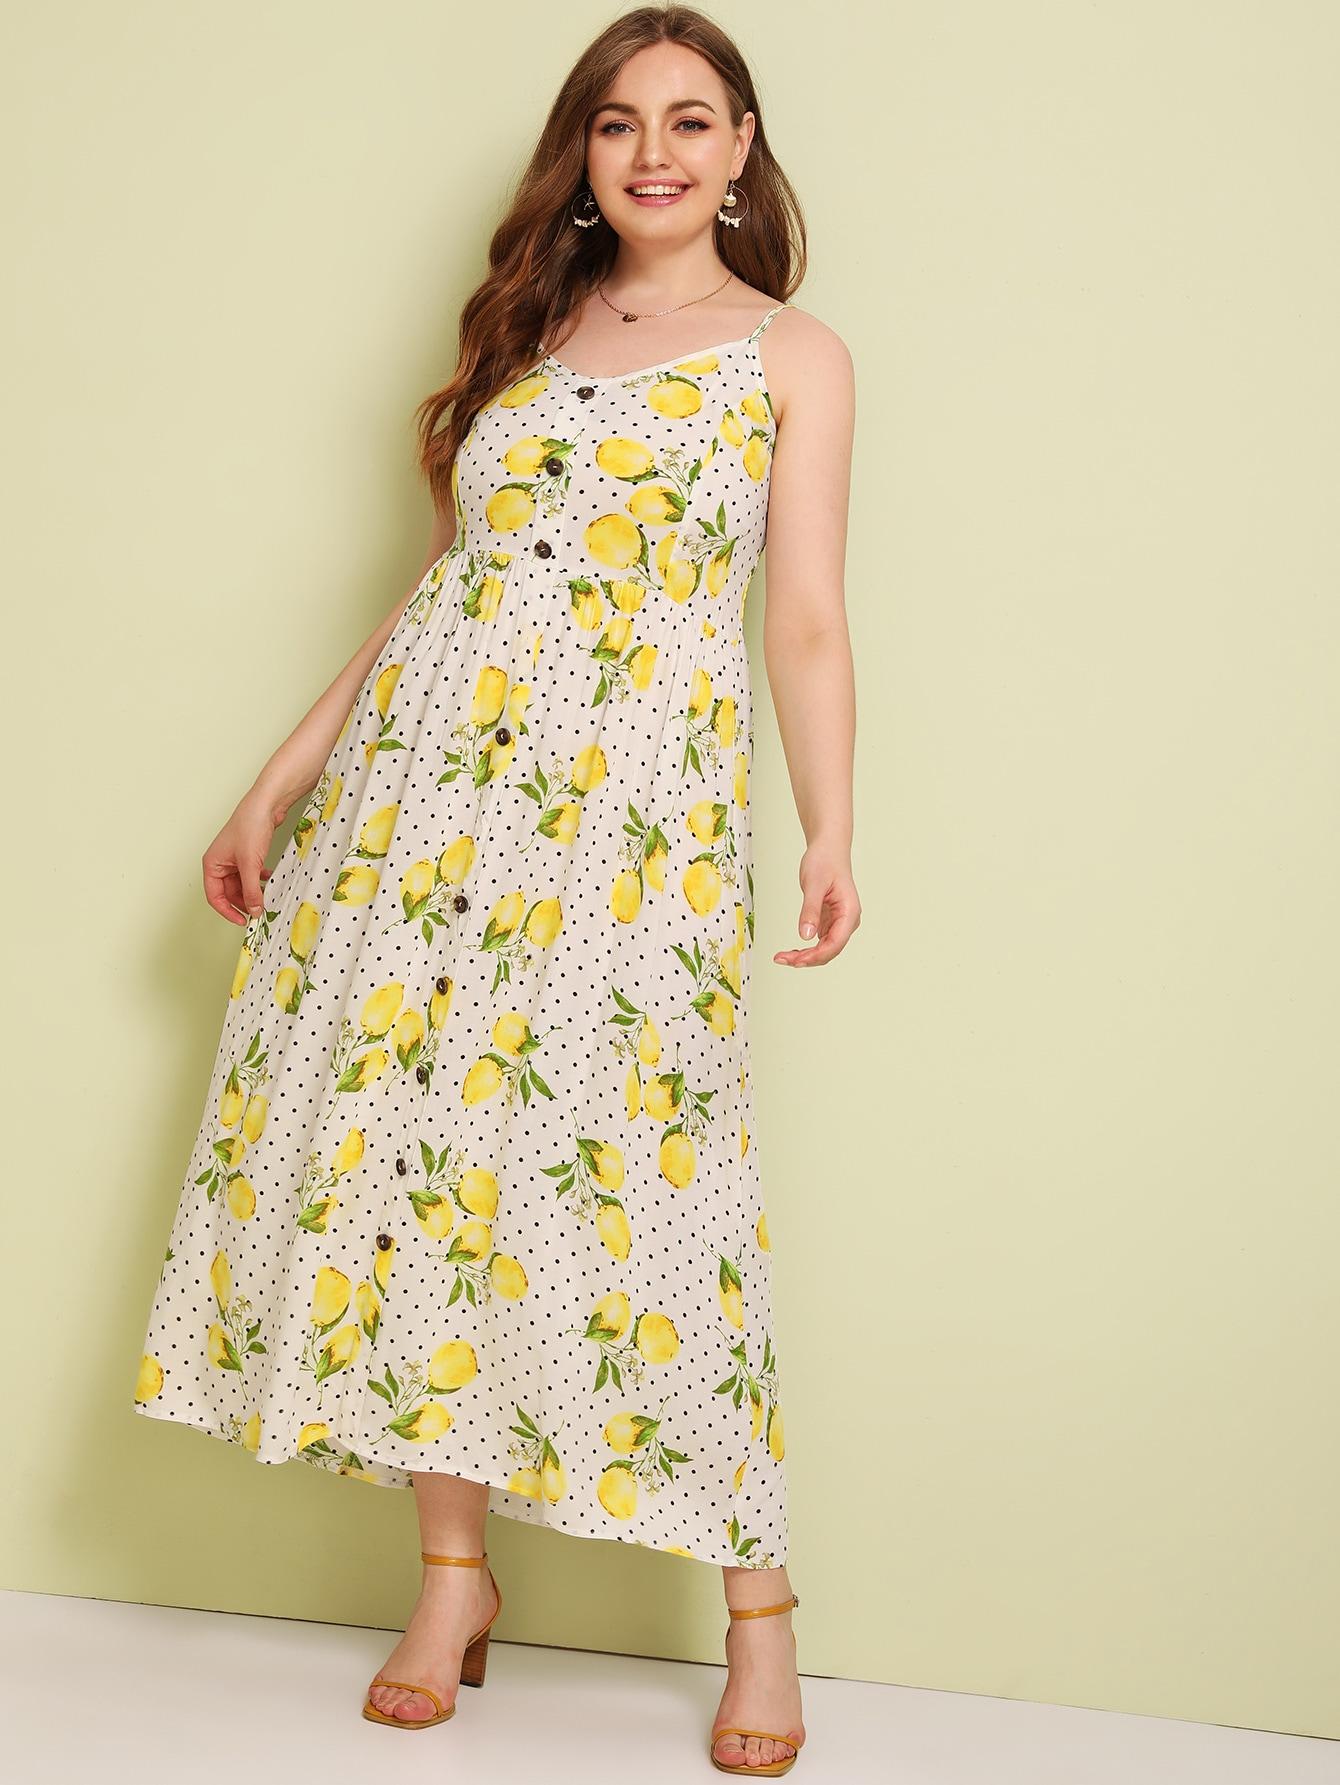 Фото - Платье в горошек размера плюс с лимонным принтом от SheIn цвет многихцветные